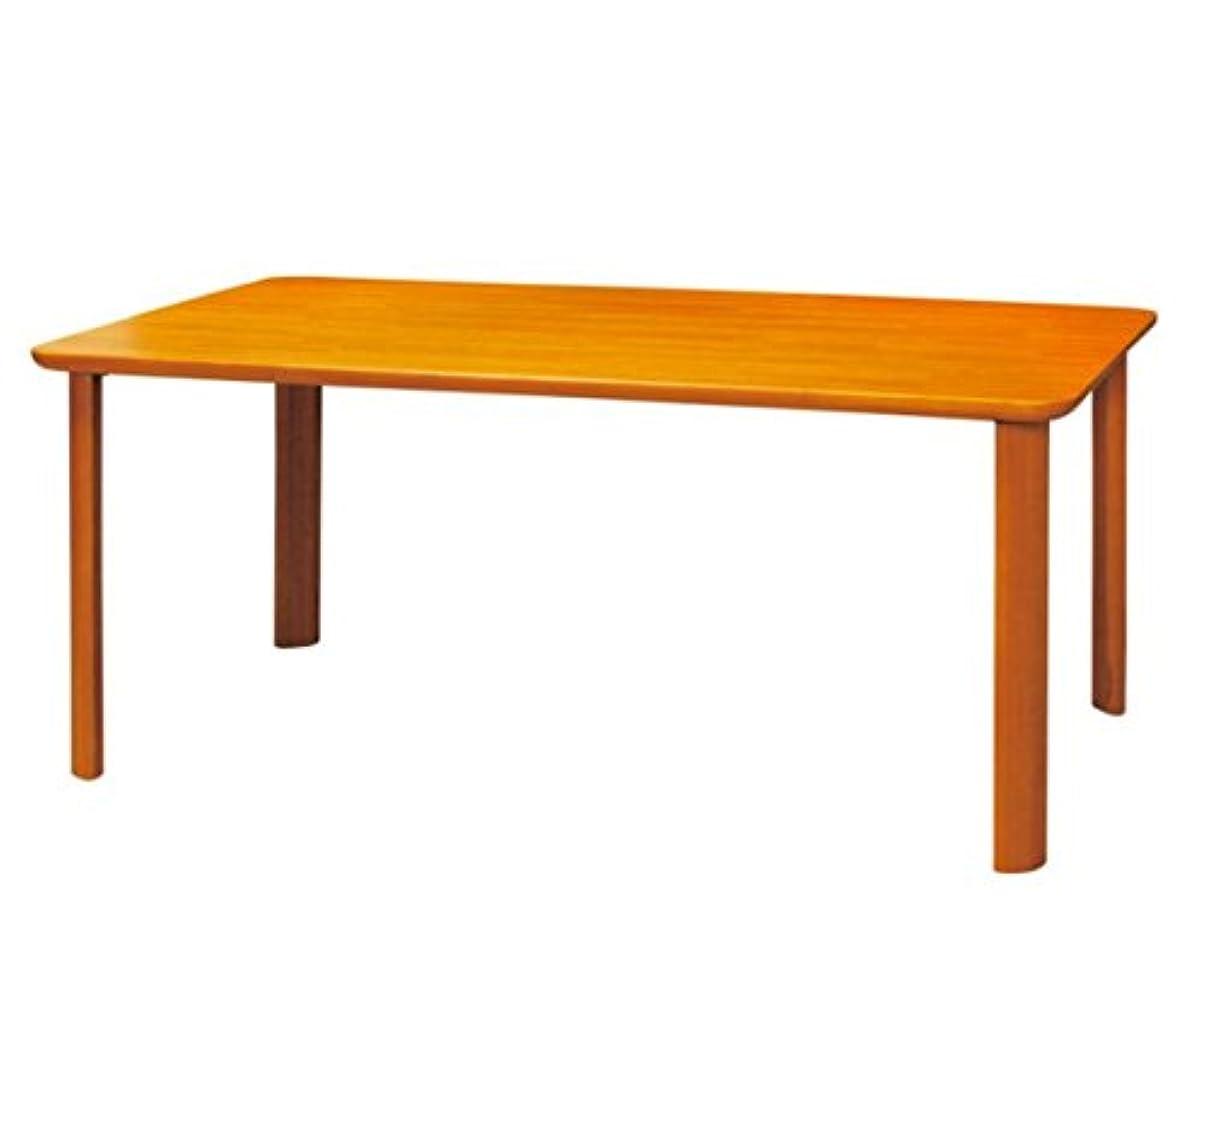 知性鉛フラスコダイニングテーブル 4人用 木製 ナチュラル